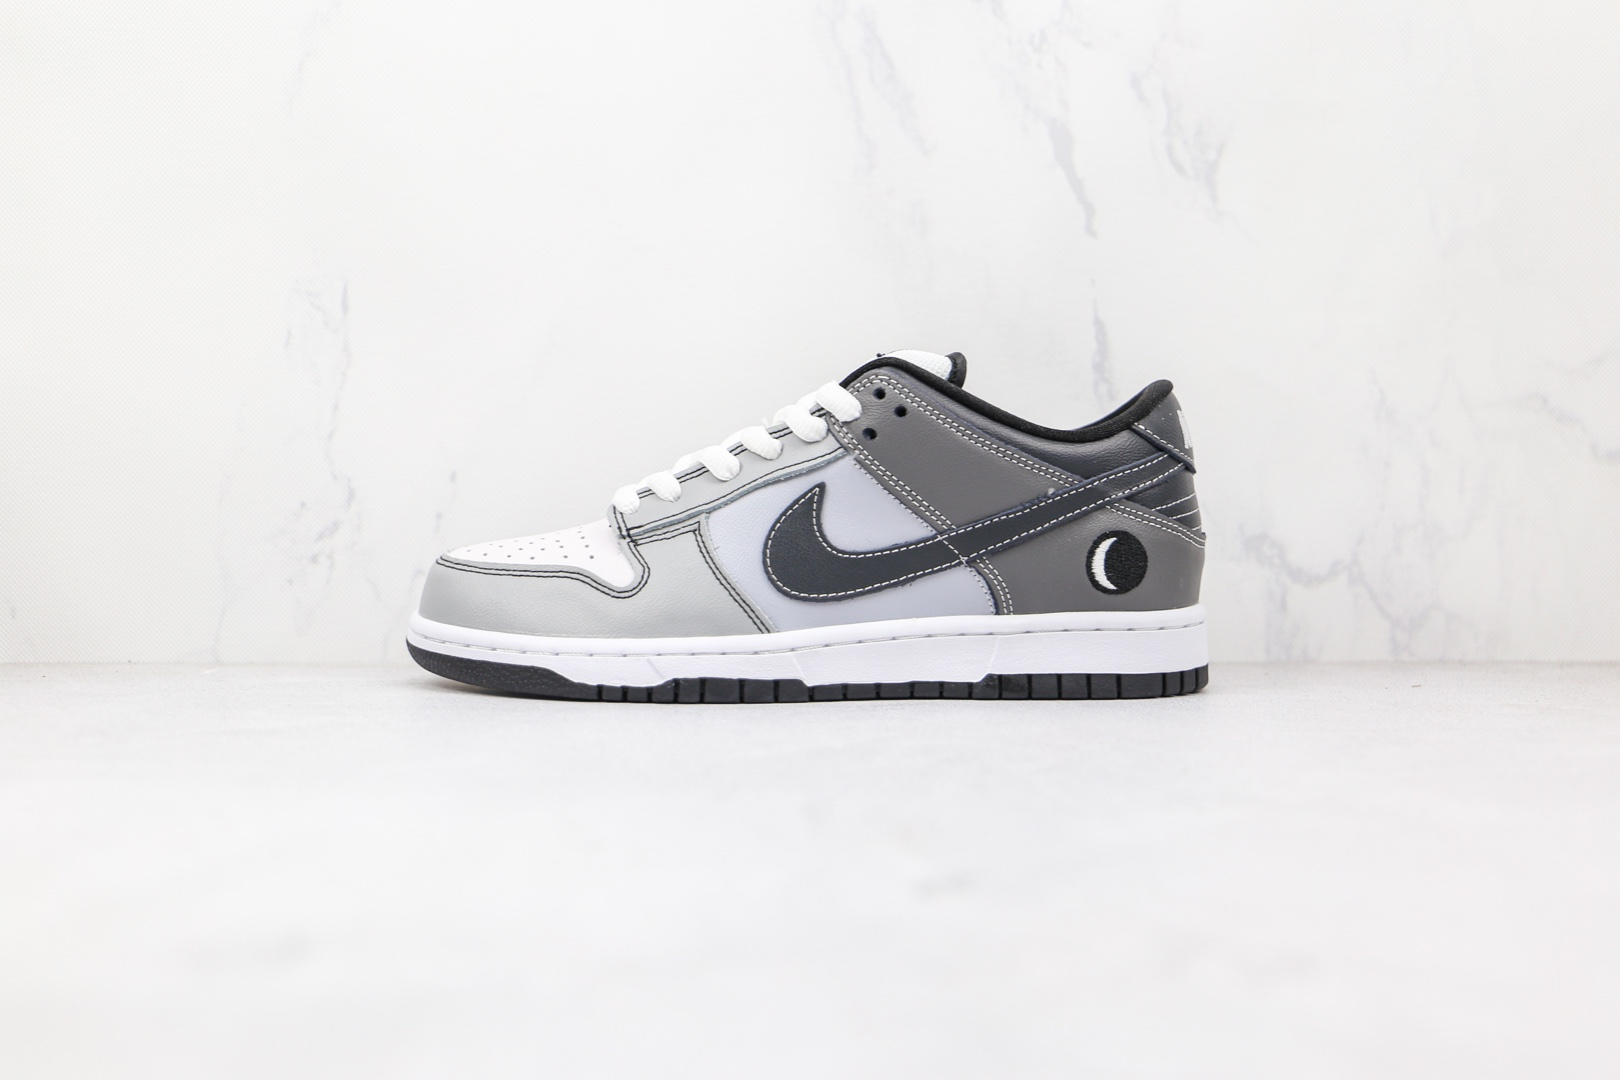 耐克Nike SB Dunk Low Lunar Eclipse East纯原版本低帮SB DUNK月亮灰黑色板鞋内置气垫 货号:313170-002